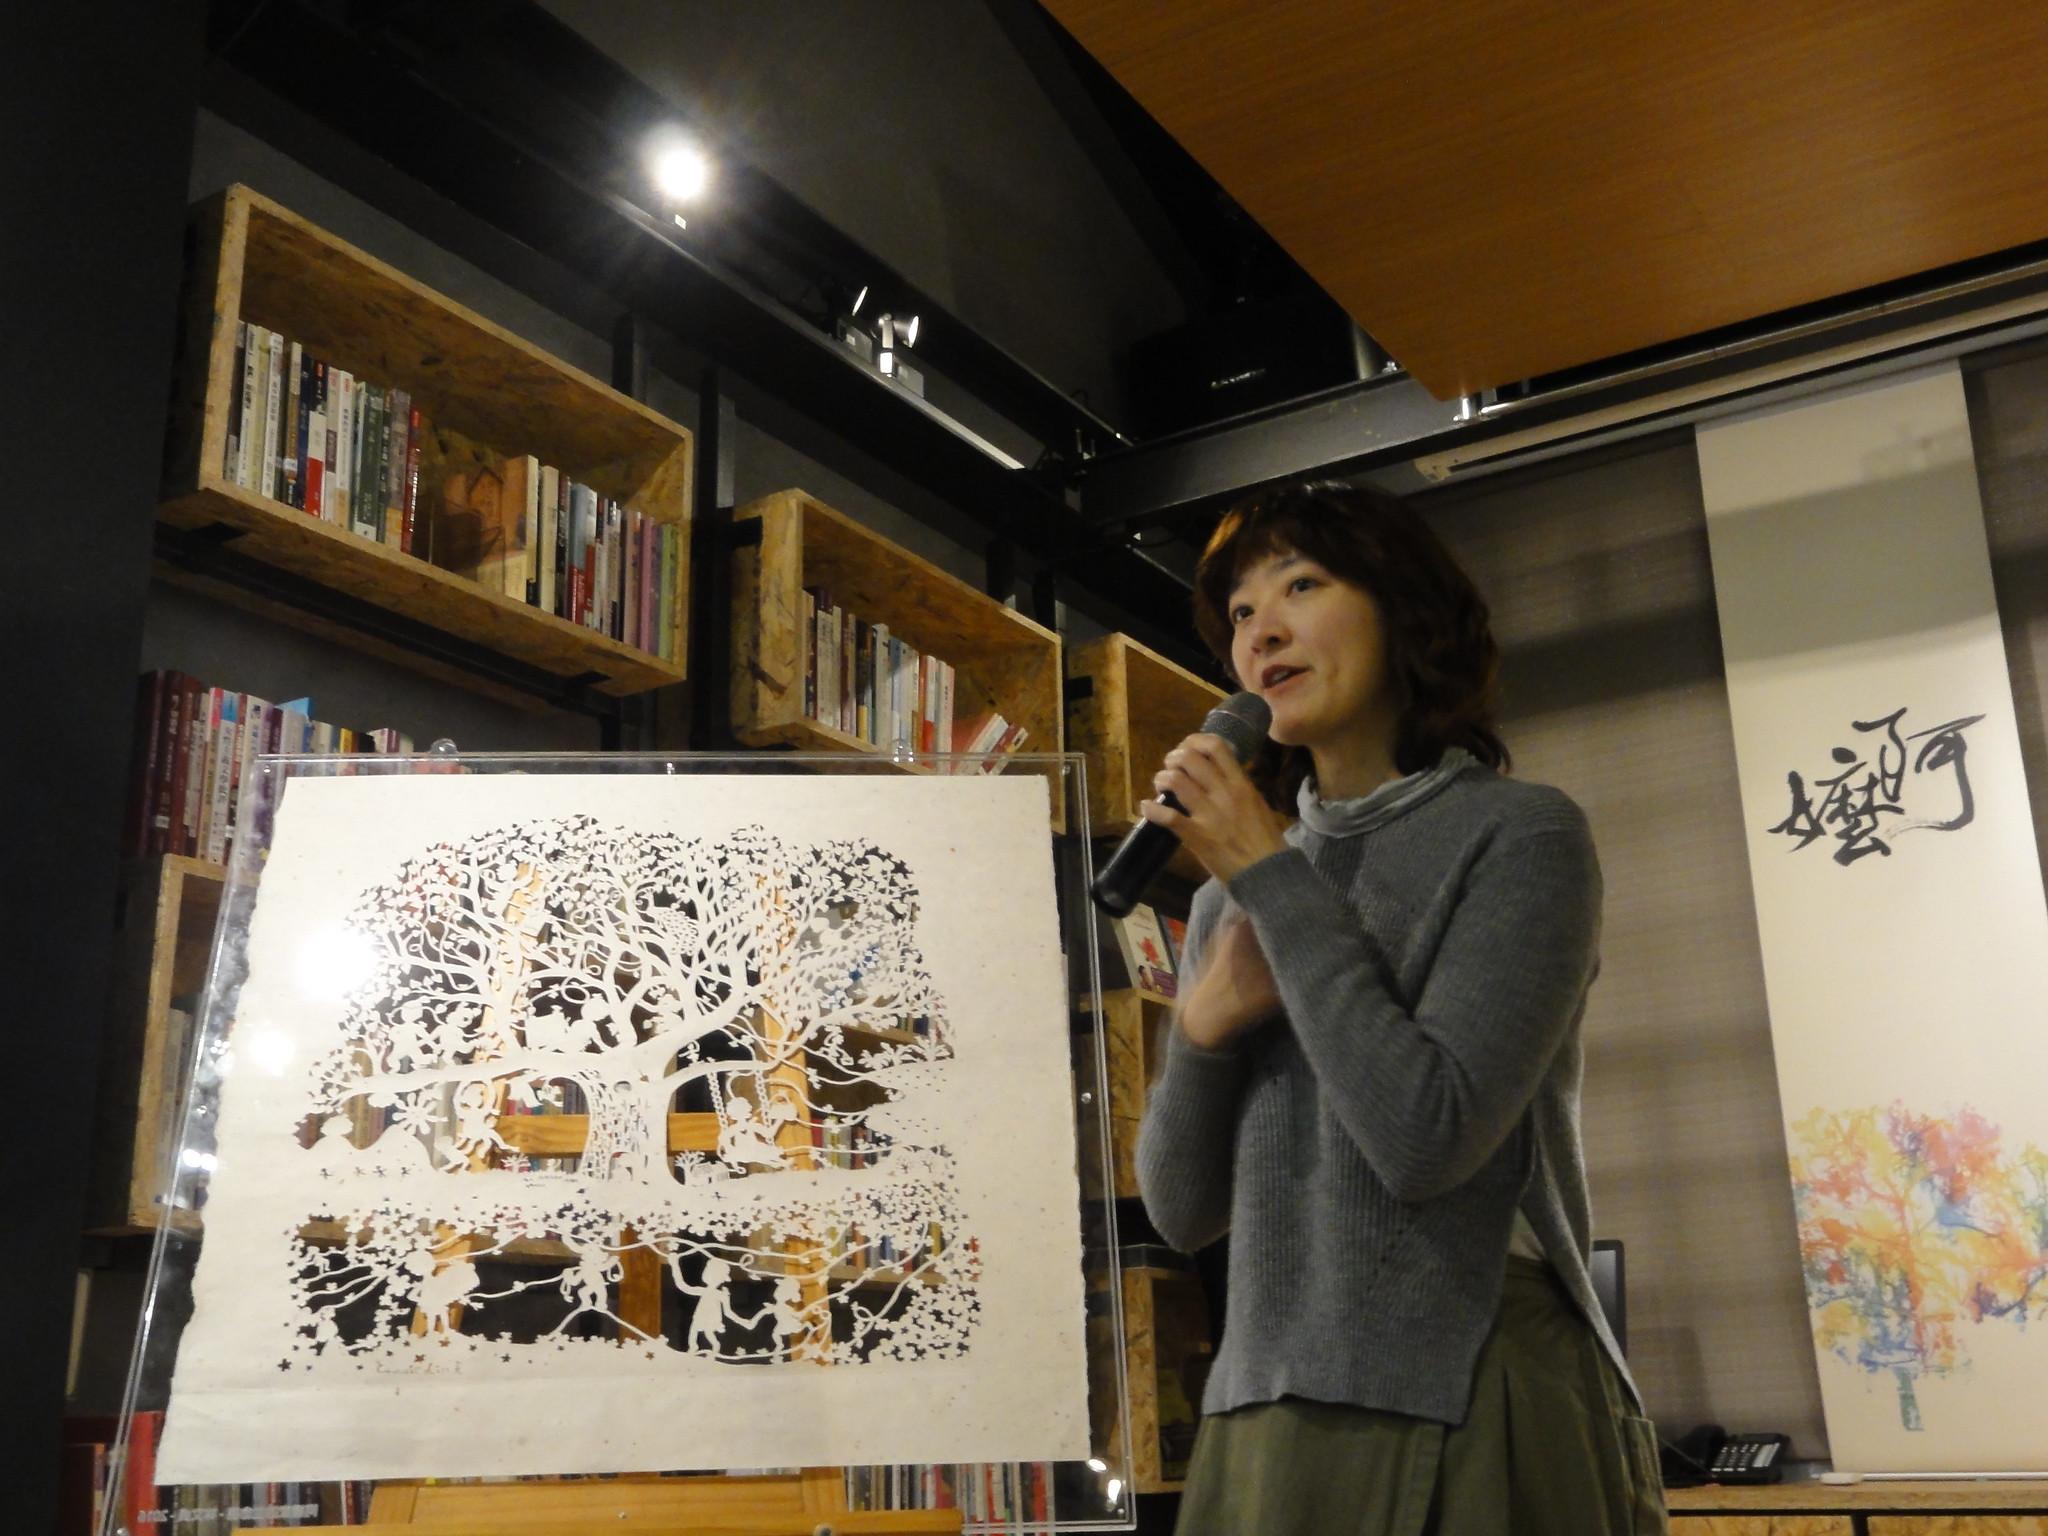 """开馆当天,艺术家林文贞解说她的作品""""阿嬷家的生命树""""。(摄影:张智琦)"""